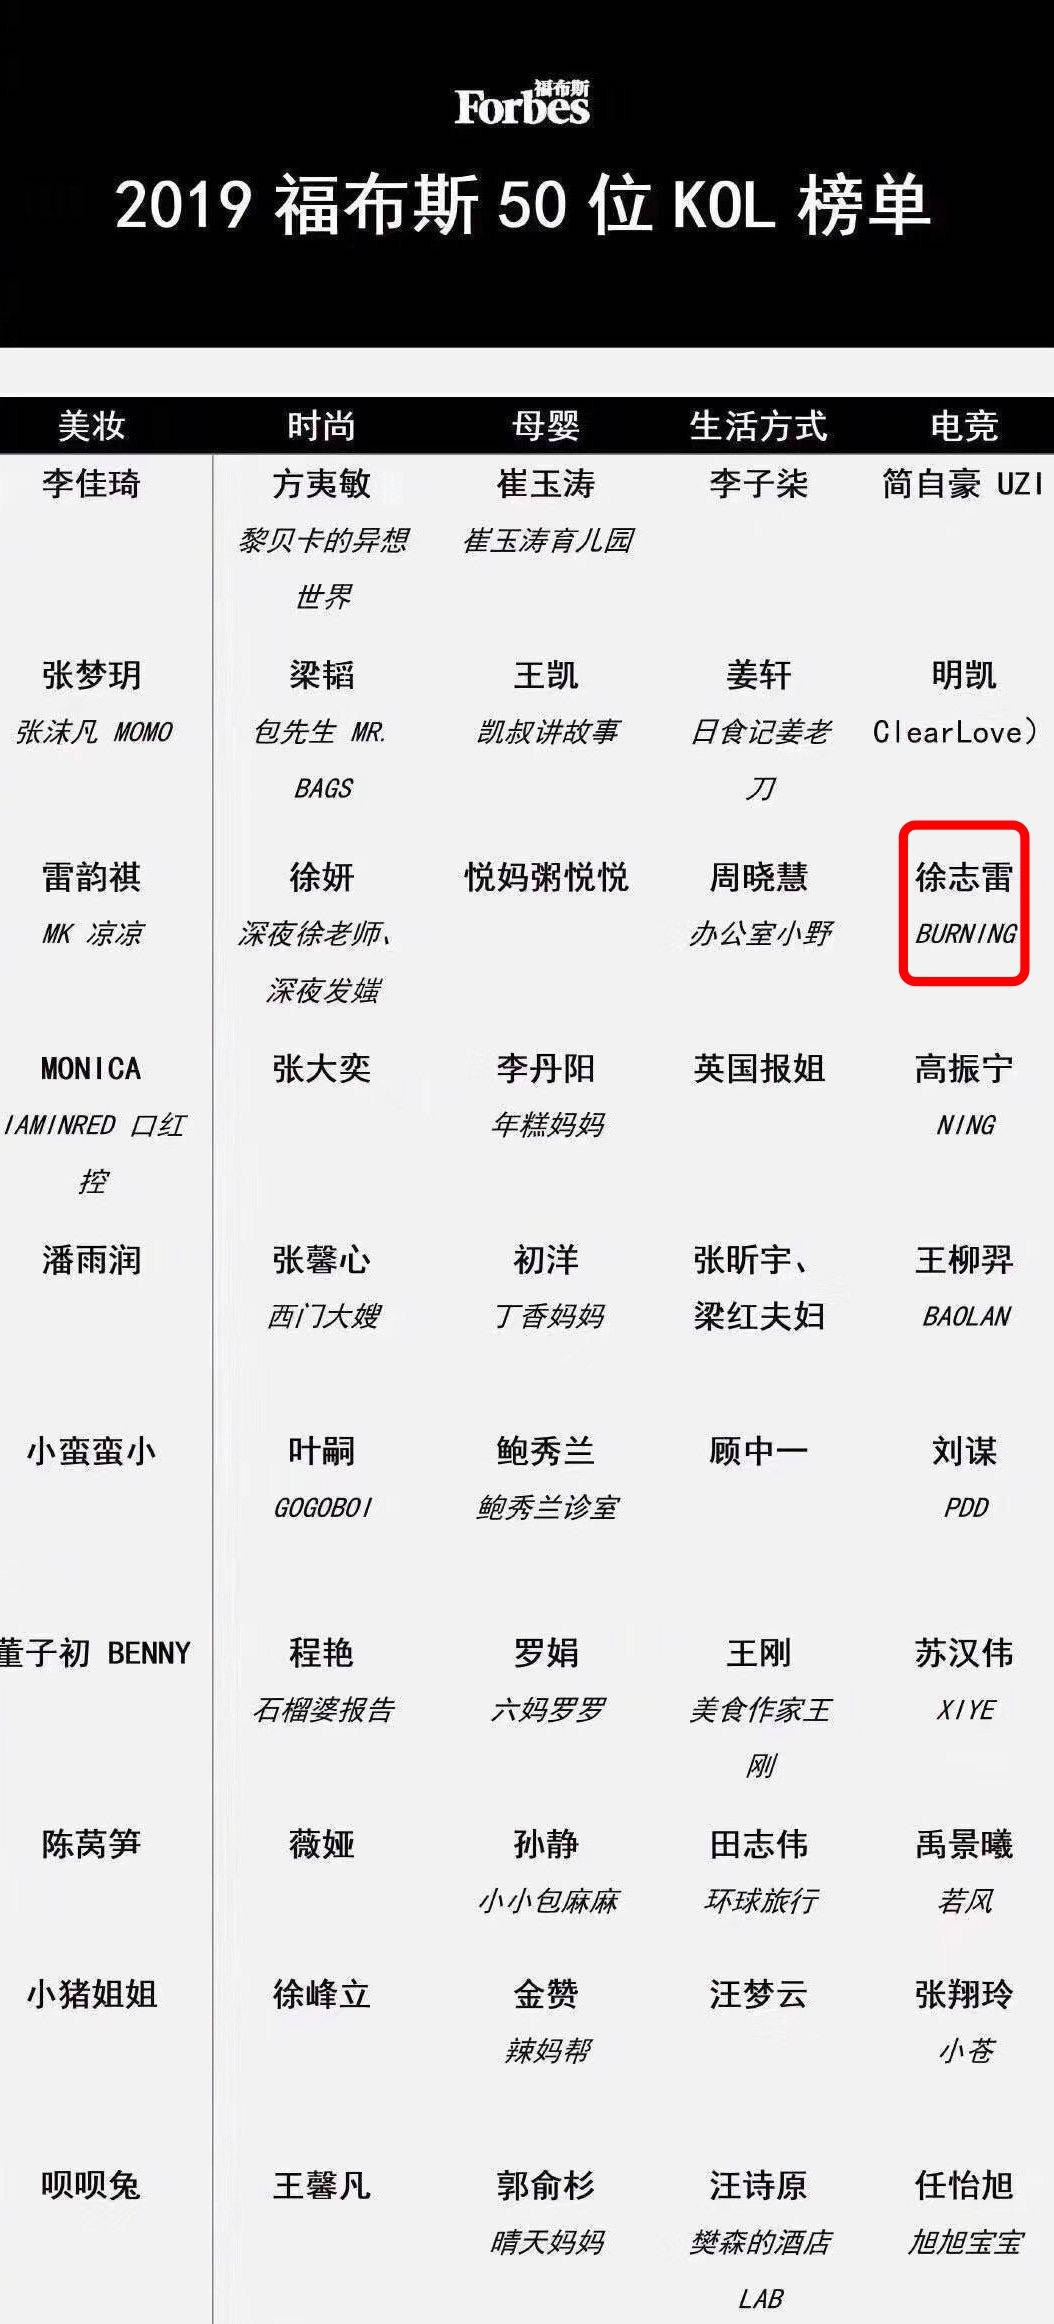 徐志雷成功入选2019福布斯50位KOL榜单